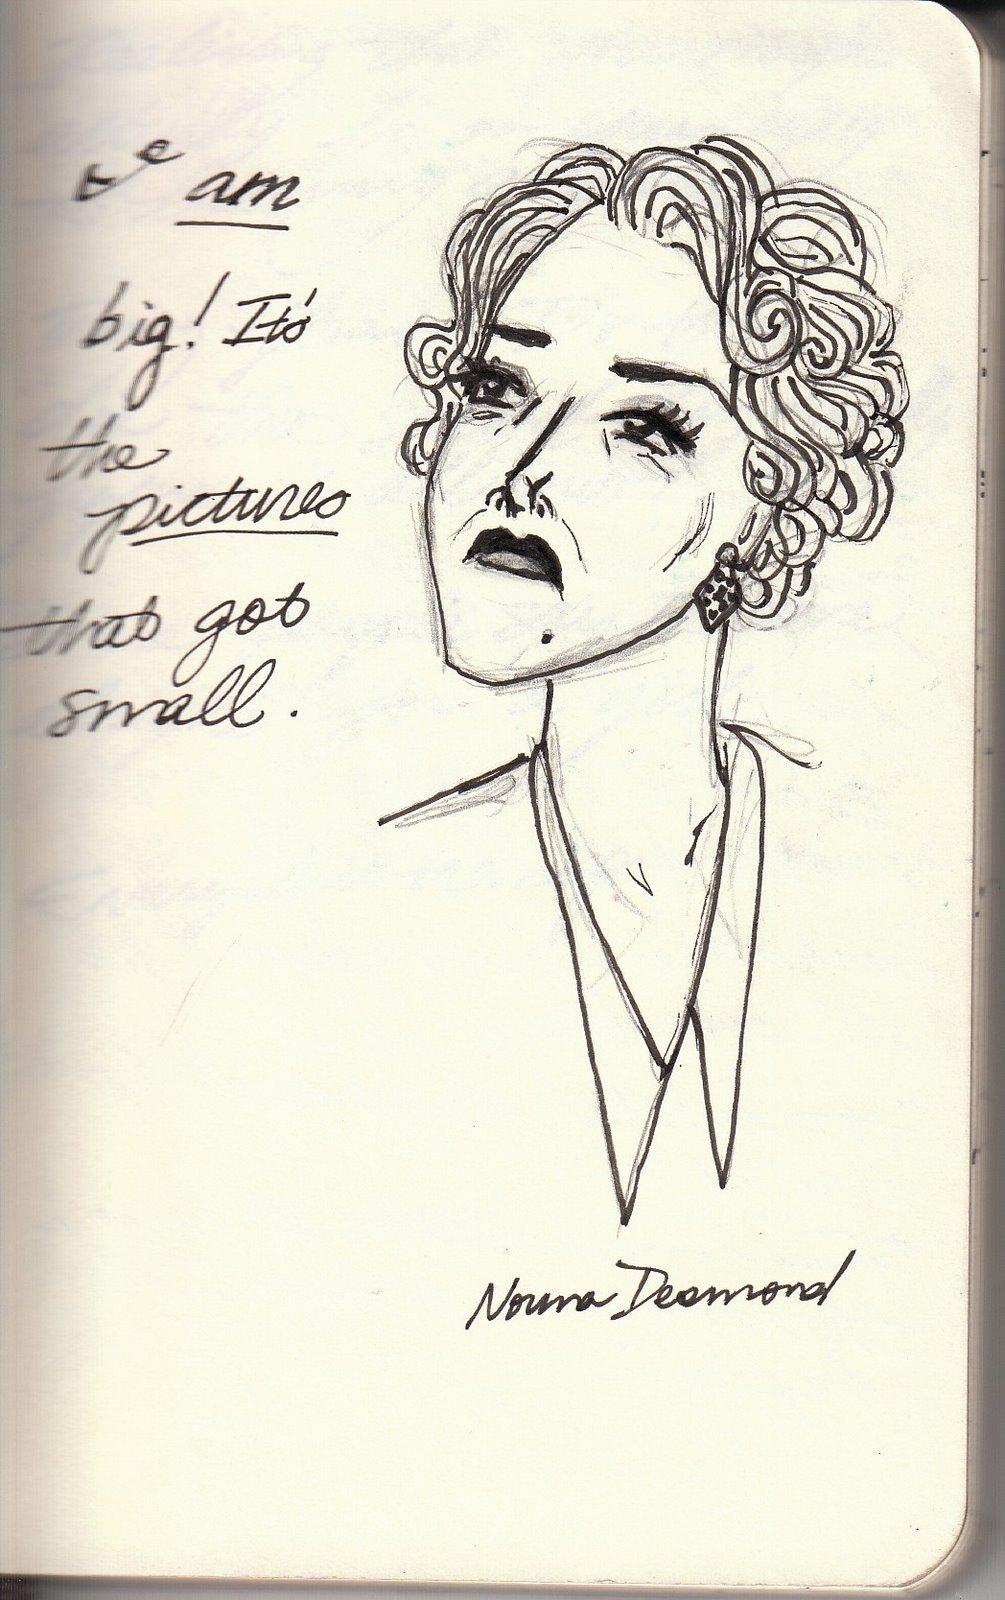 [Norma+Desmond]